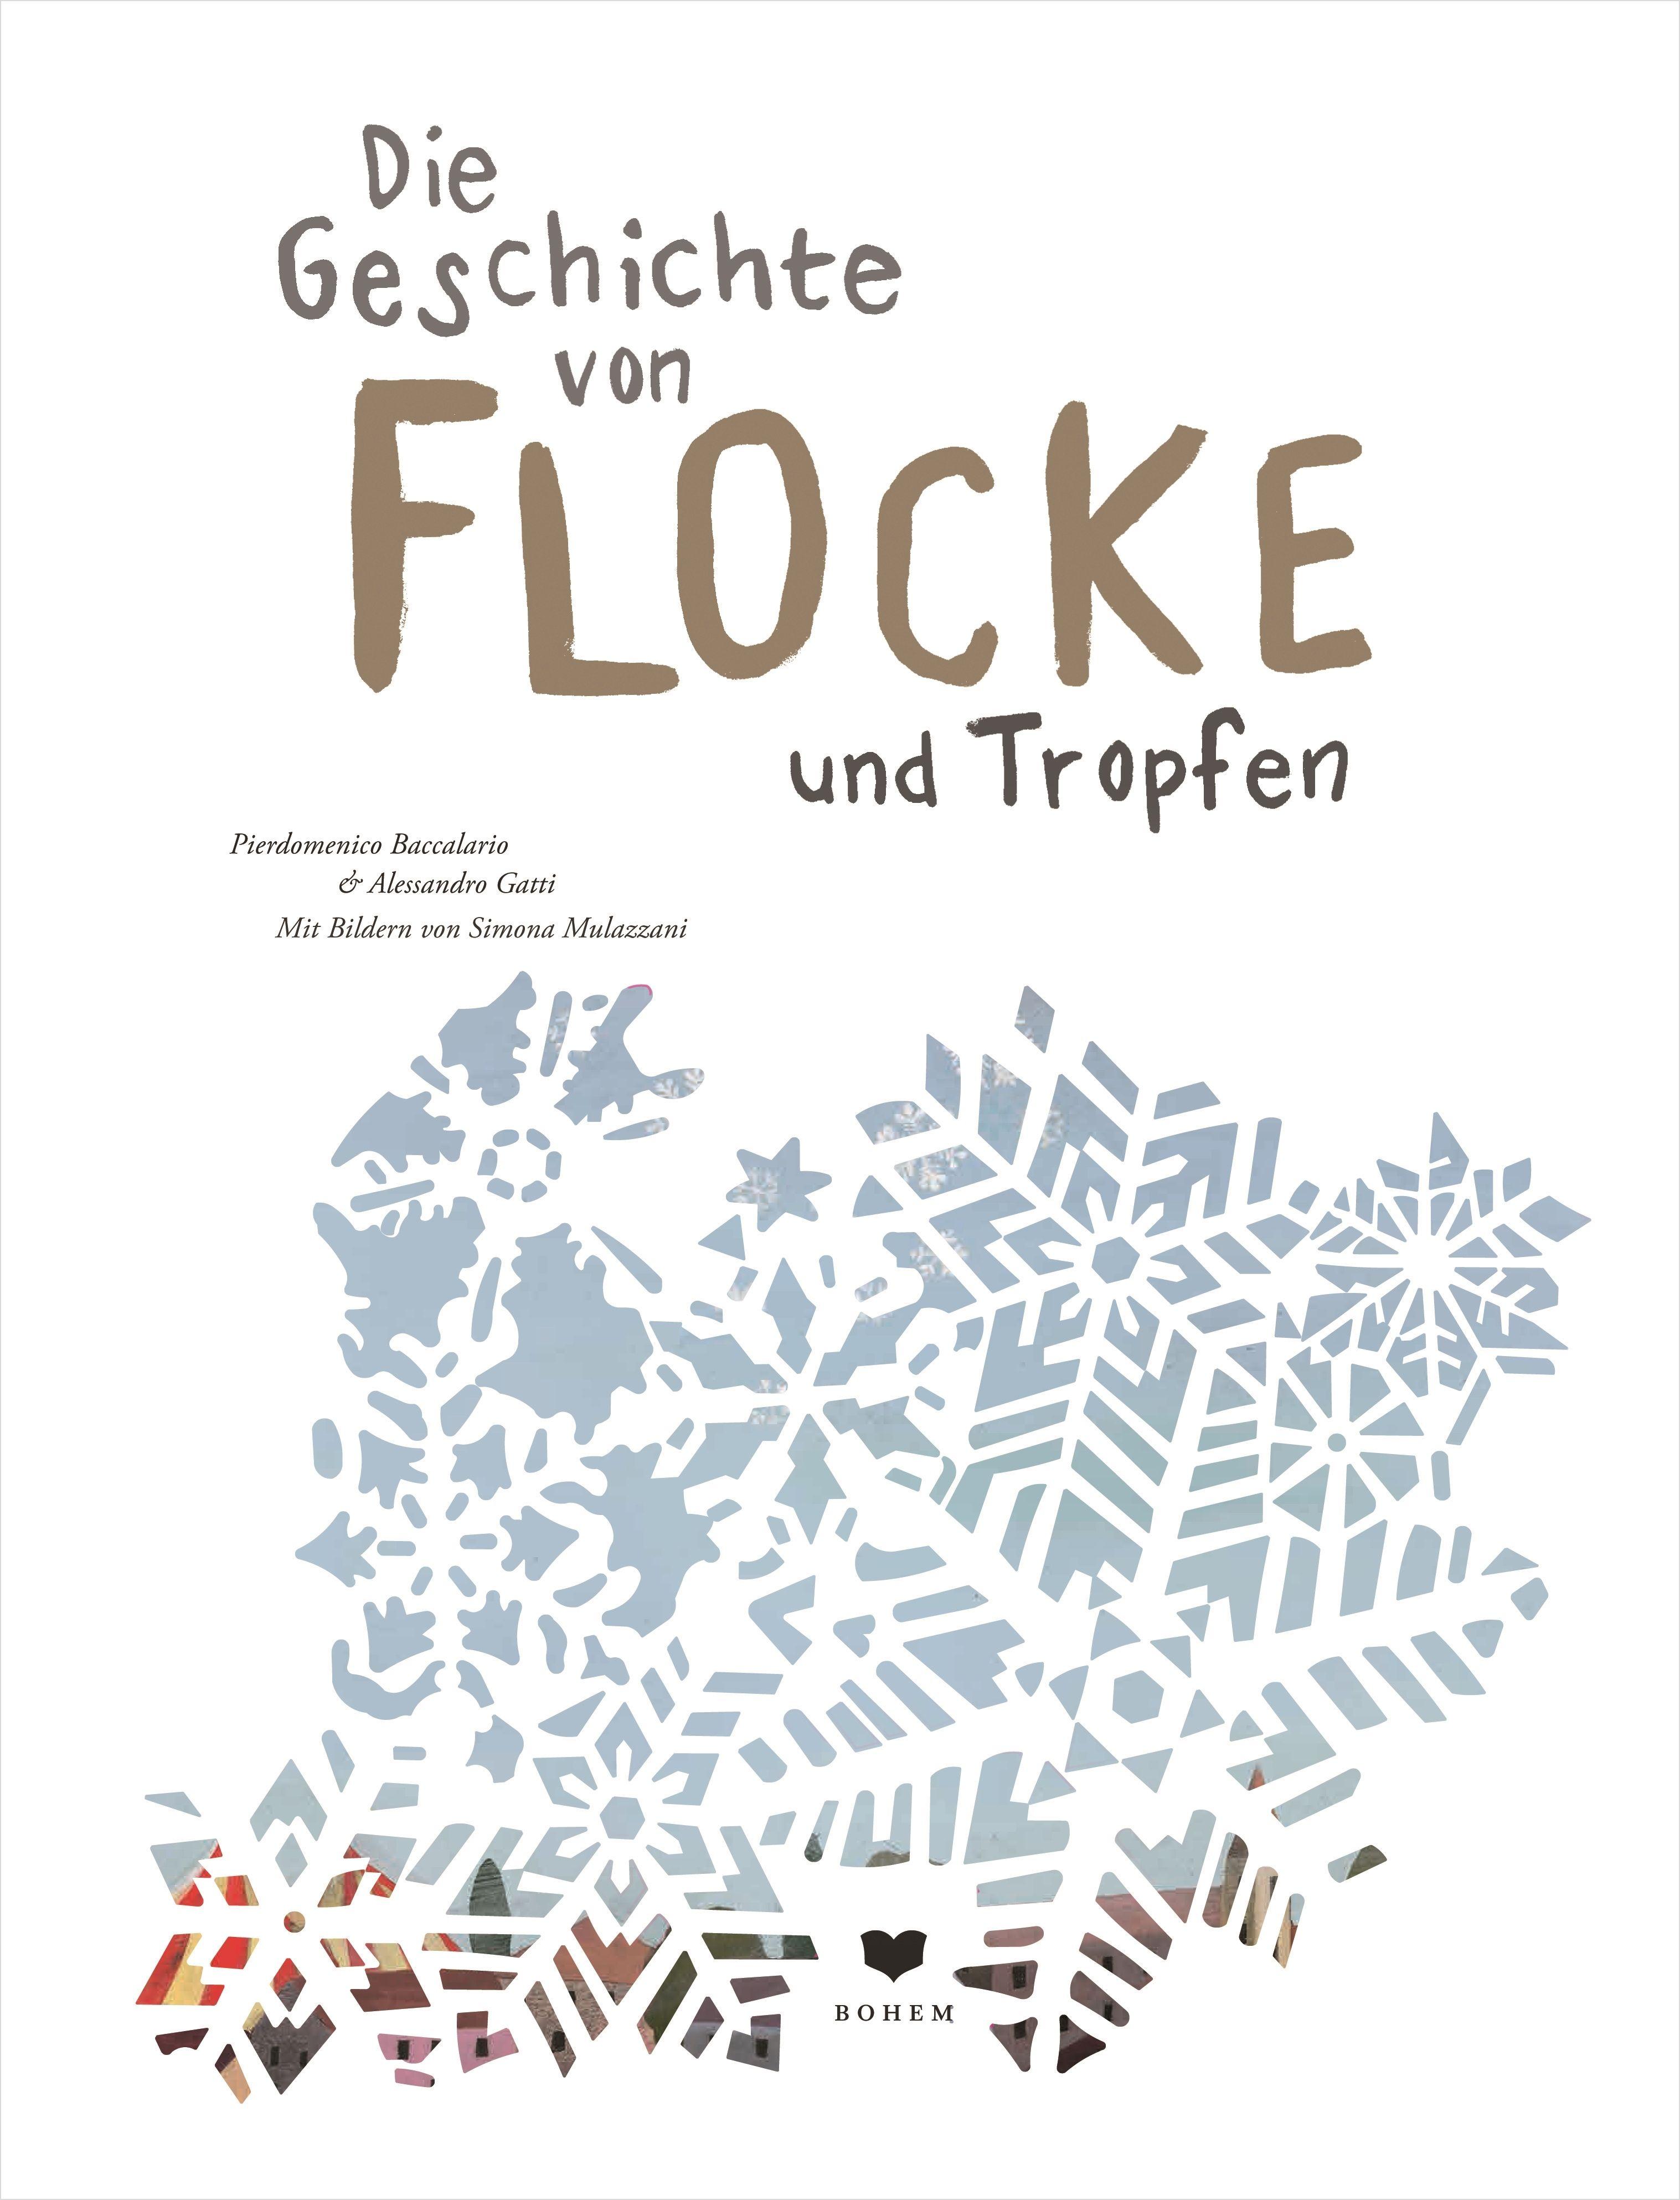 Die Geschichte Von Flocke Und Tropfen Kinderbuchlesen De Kinderbucher Bucher Lesen Bilderbuch